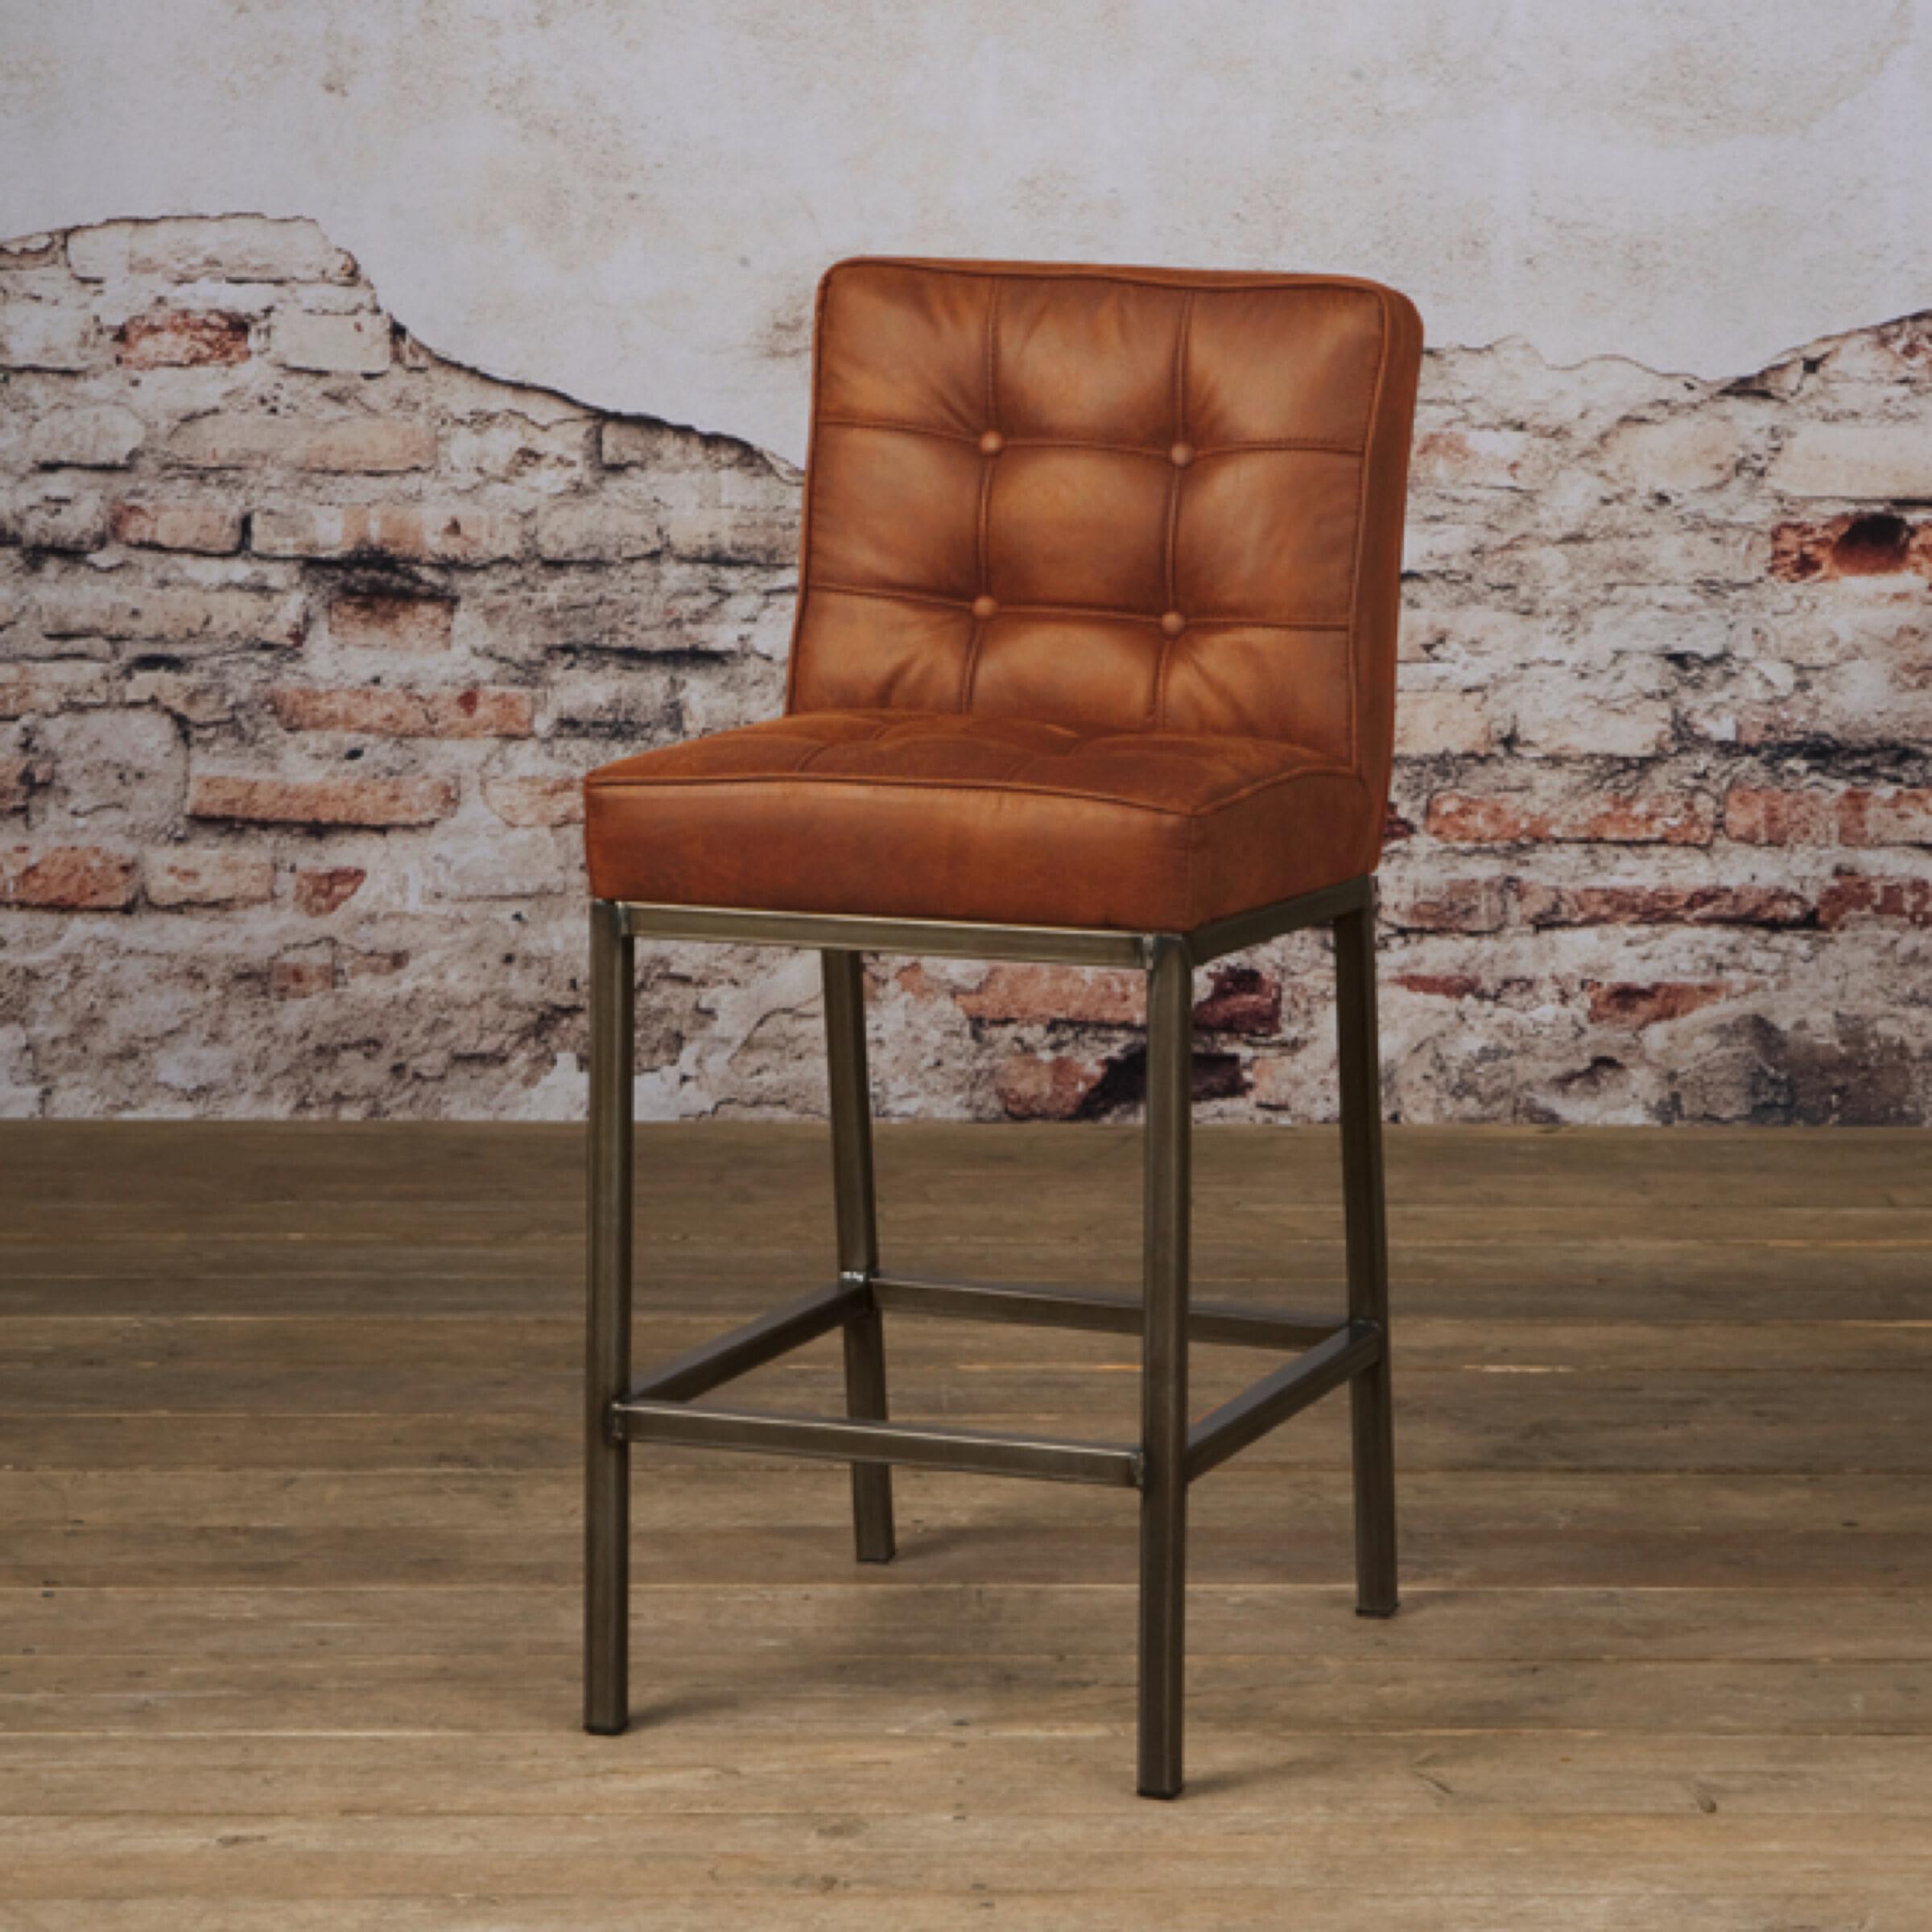 Tower Living Barkruk 'Vasco' (zithoogte 67cm), kleur Cognac